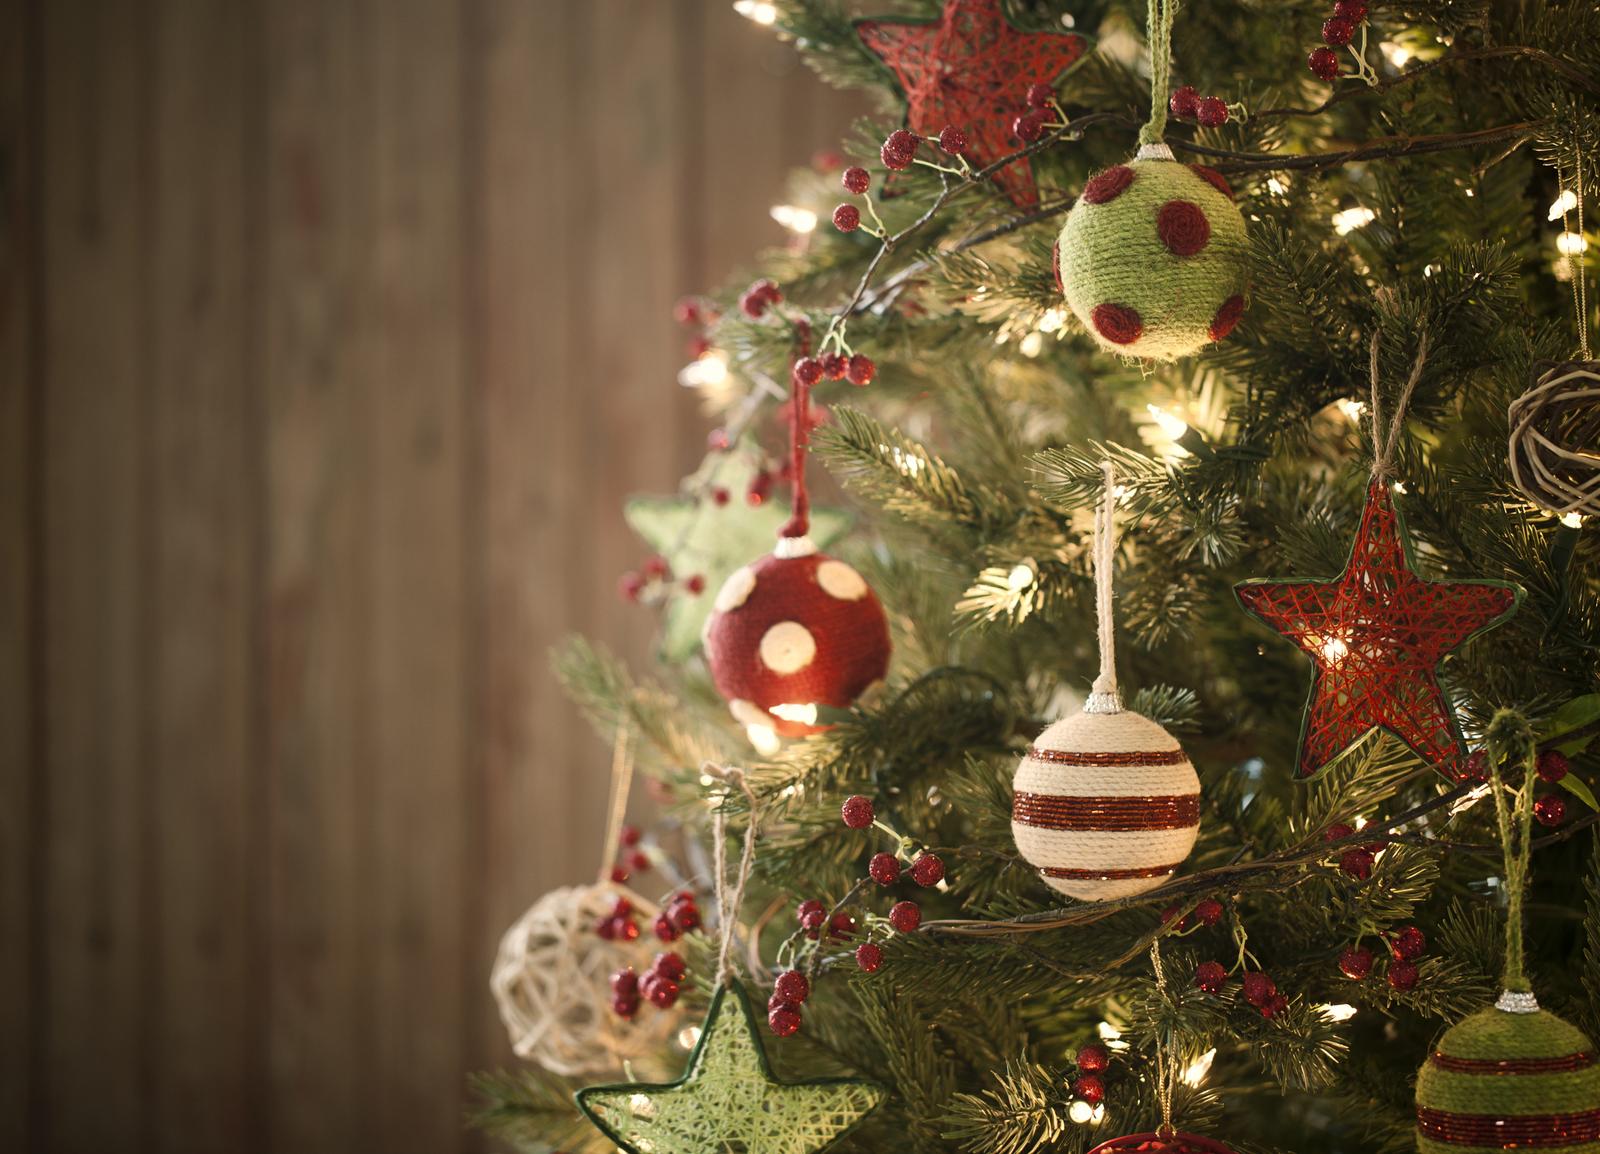 Giáng sinh trọn yêu thương với những lời chúc ngắn gọn mà ý nghĩa - Ảnh 6.